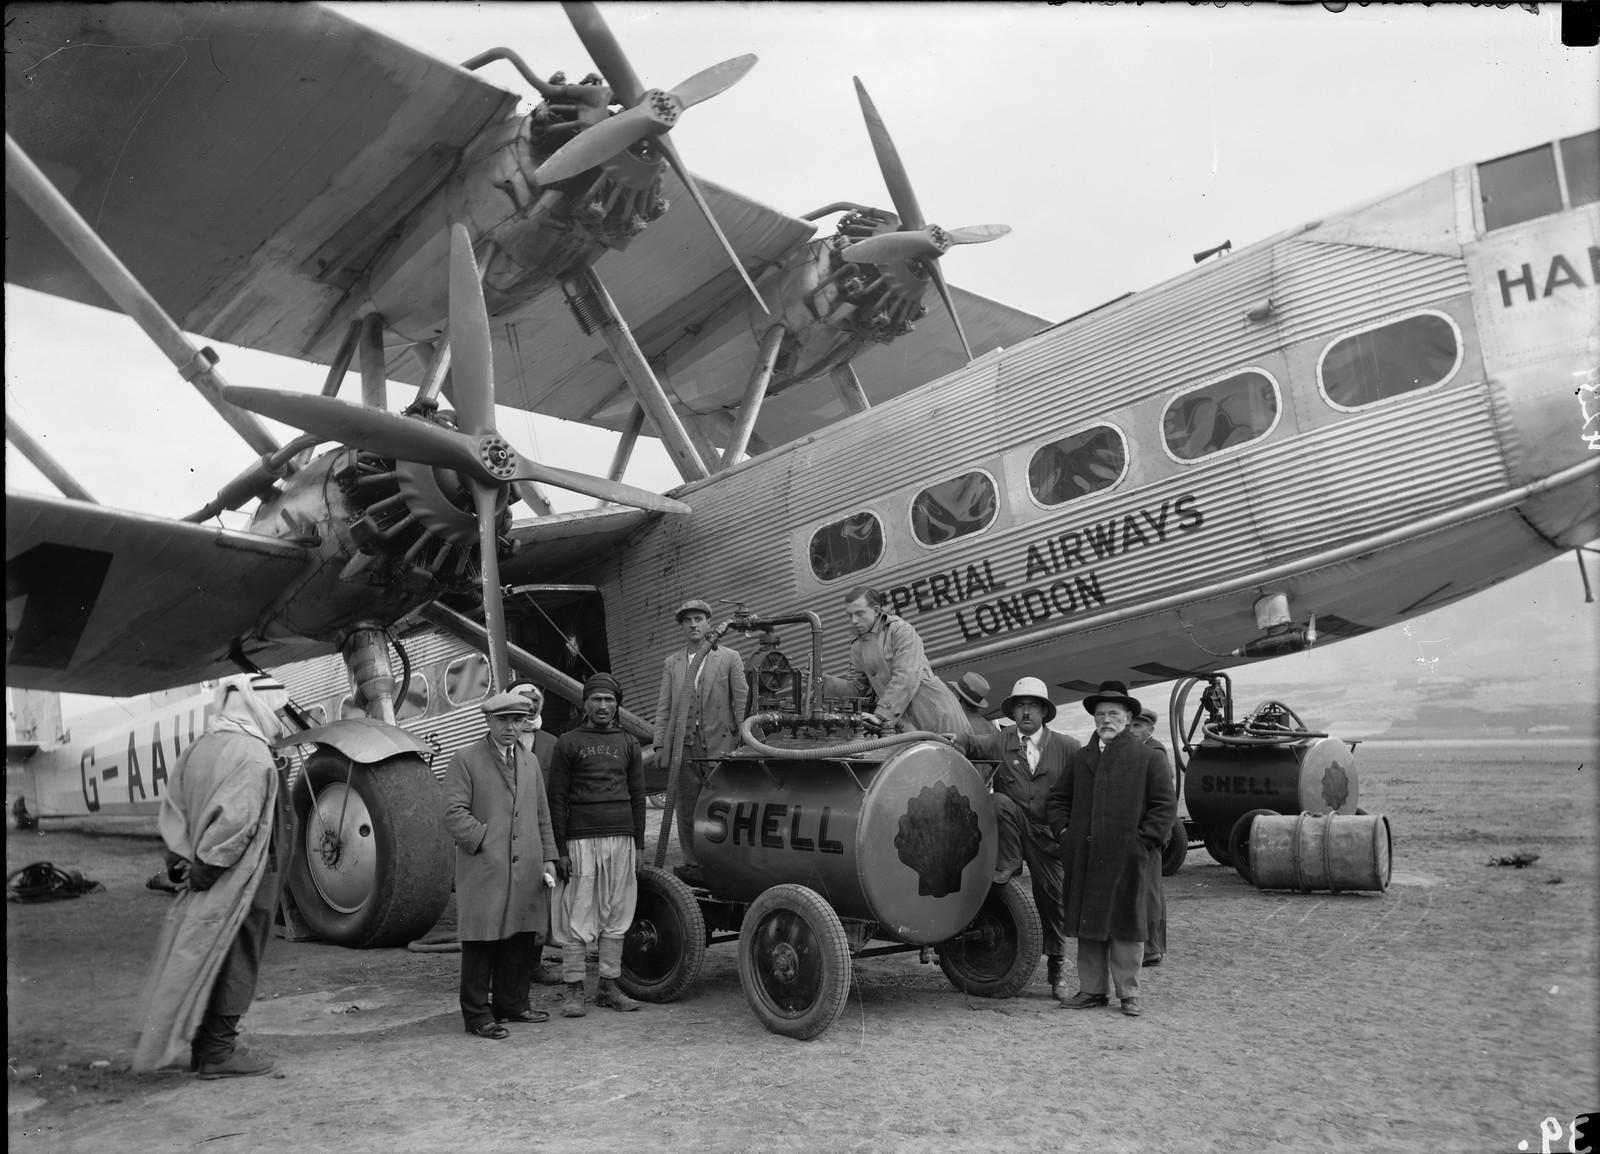 10. Первый полет самолета G-AAUD Hanno. Заправка самолета в Семахе